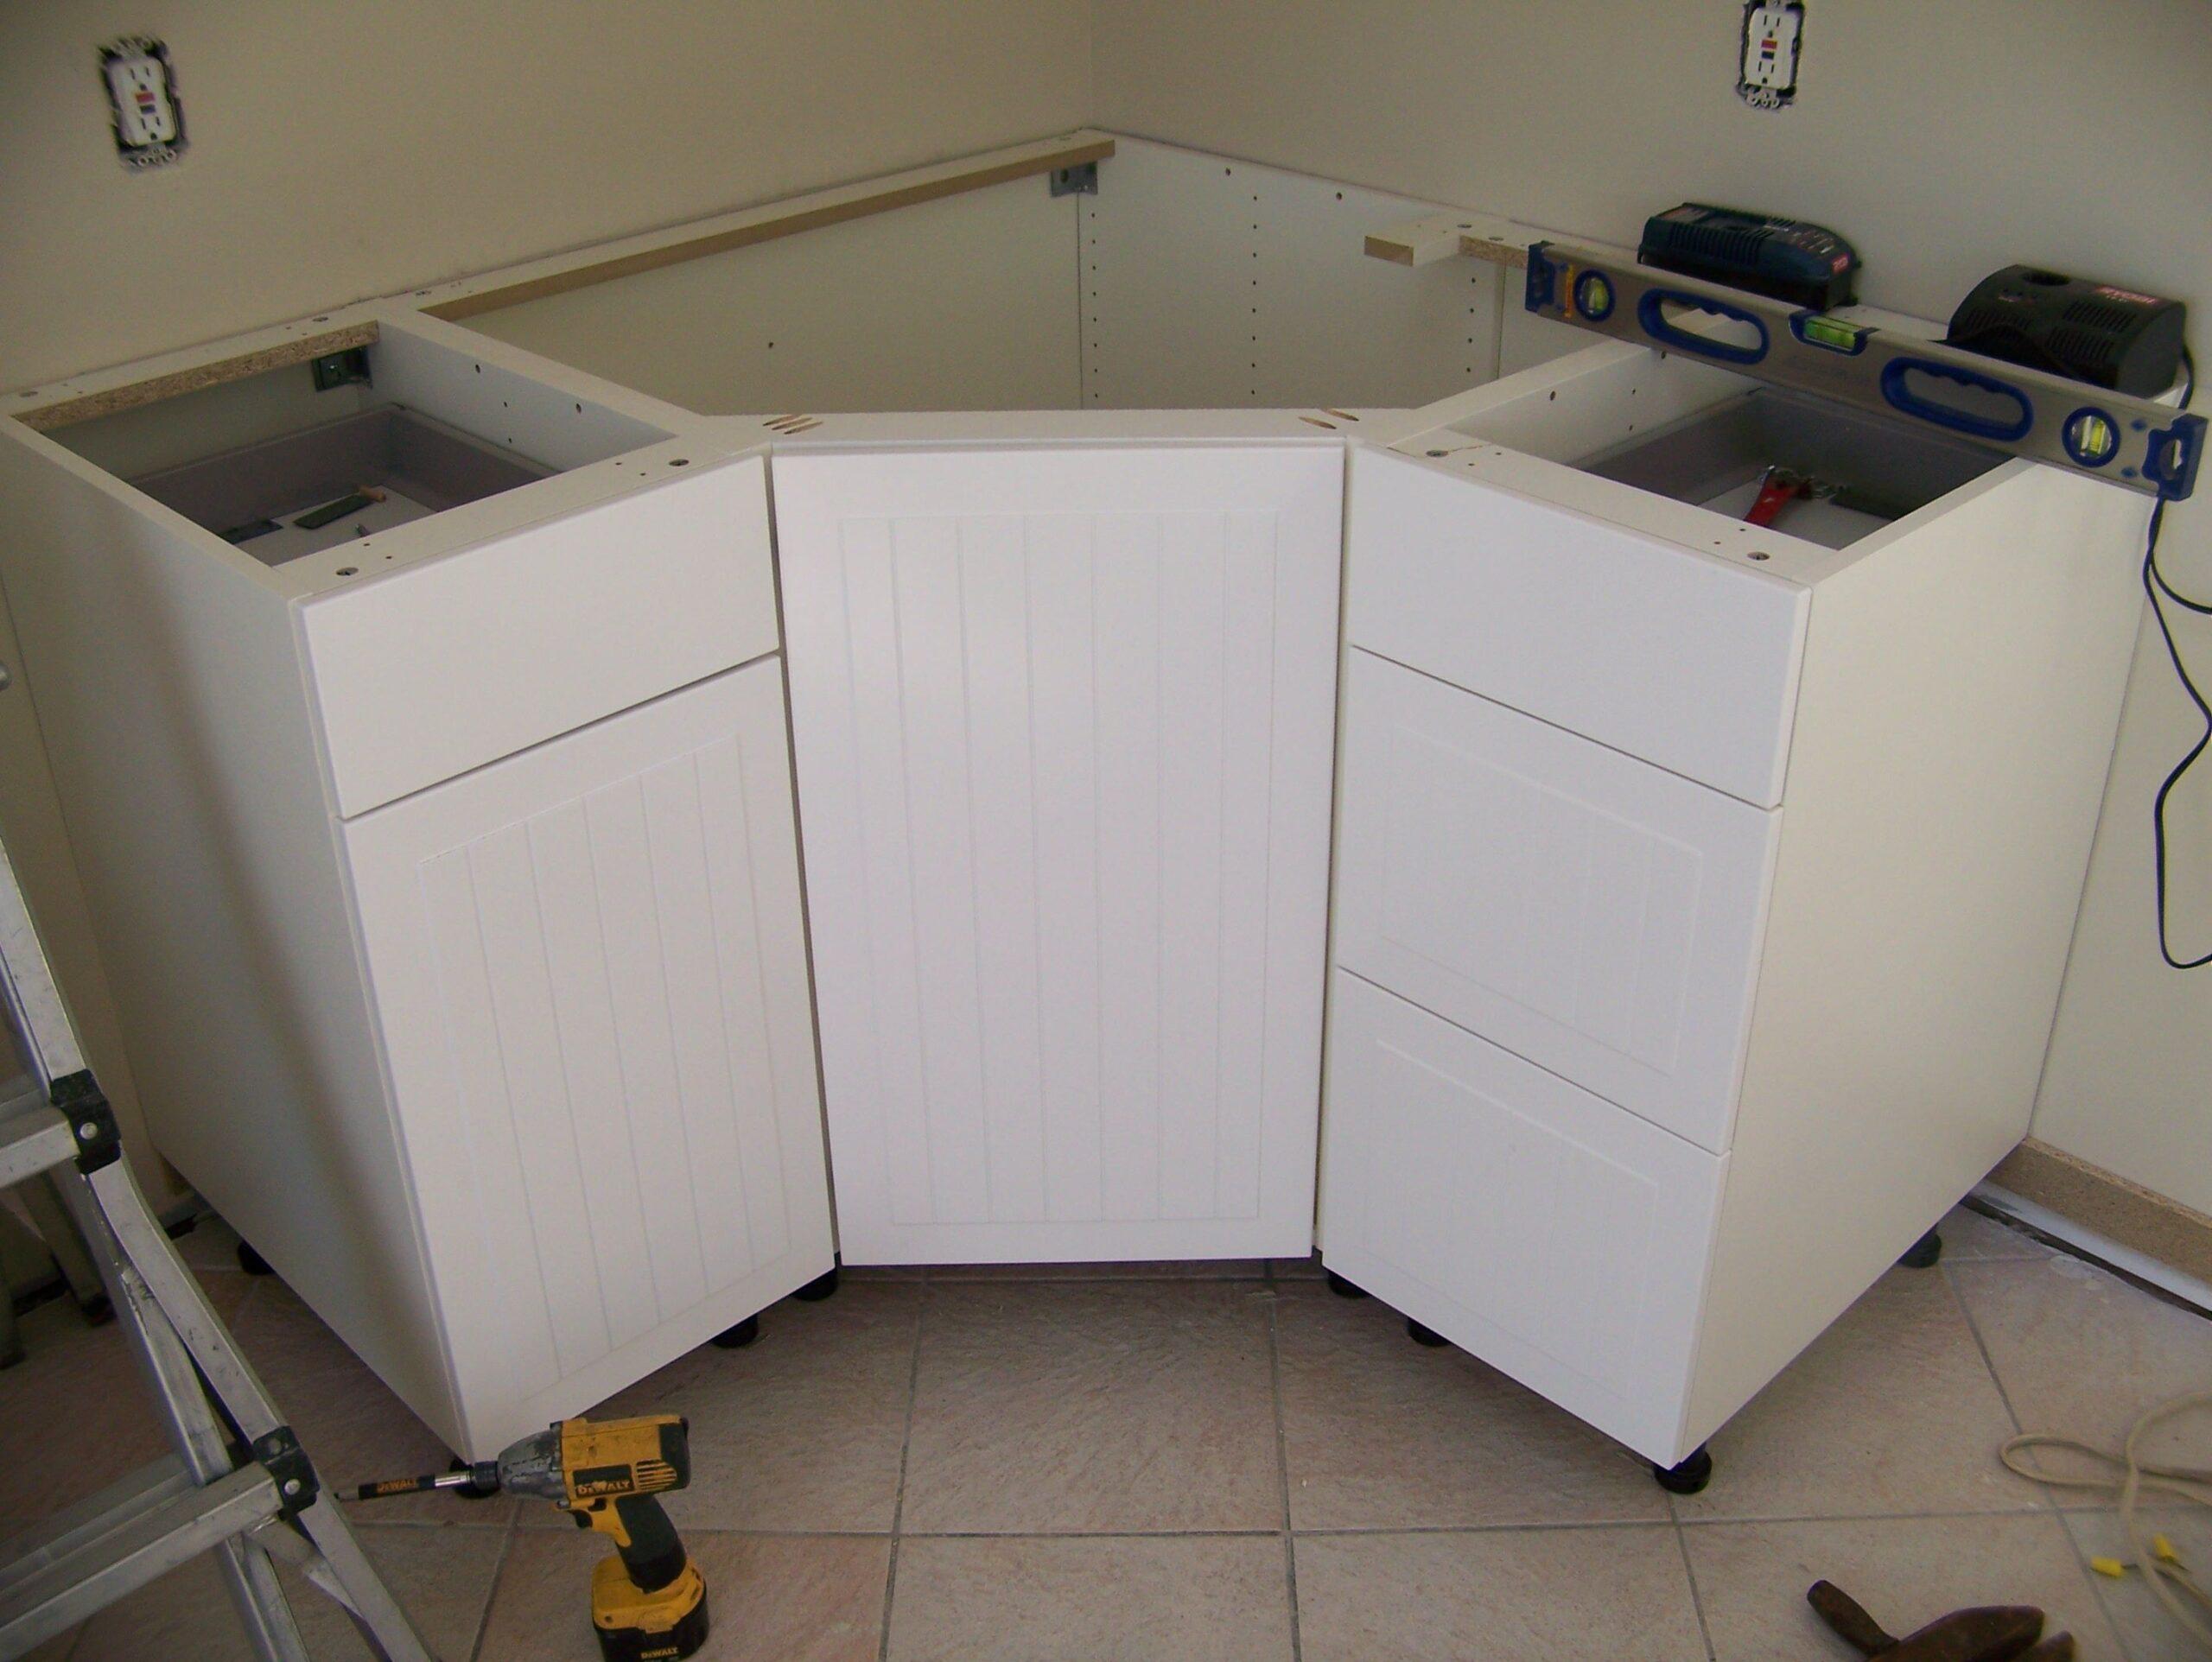 Full Size of Eckschrank Ikea Küche Frischen Look Kche Unterschrank Einfaches Design Jalousieschrank Grifflose Planen Kleine Einrichten Deckenleuchte Wohnzimmer Eckschrank Ikea Küche